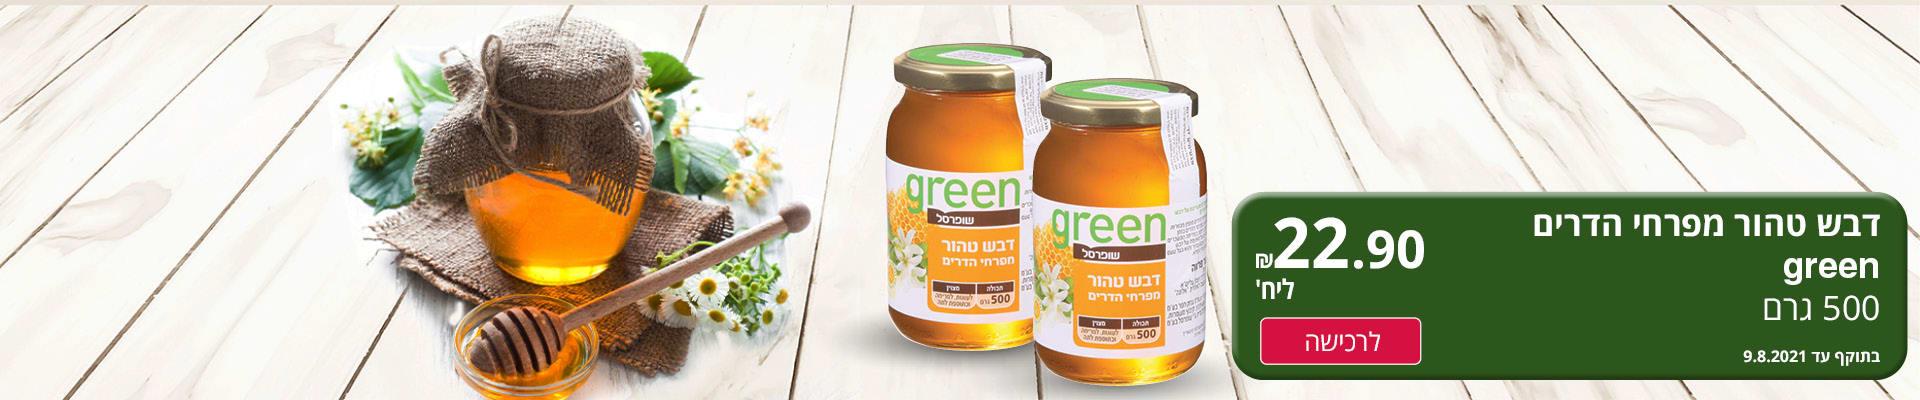 דבש טהור מפרחי הדרים GREEN 500 גרם  22.90 ₪ ליח' לרכישה בתוקף עד 9.8.2021